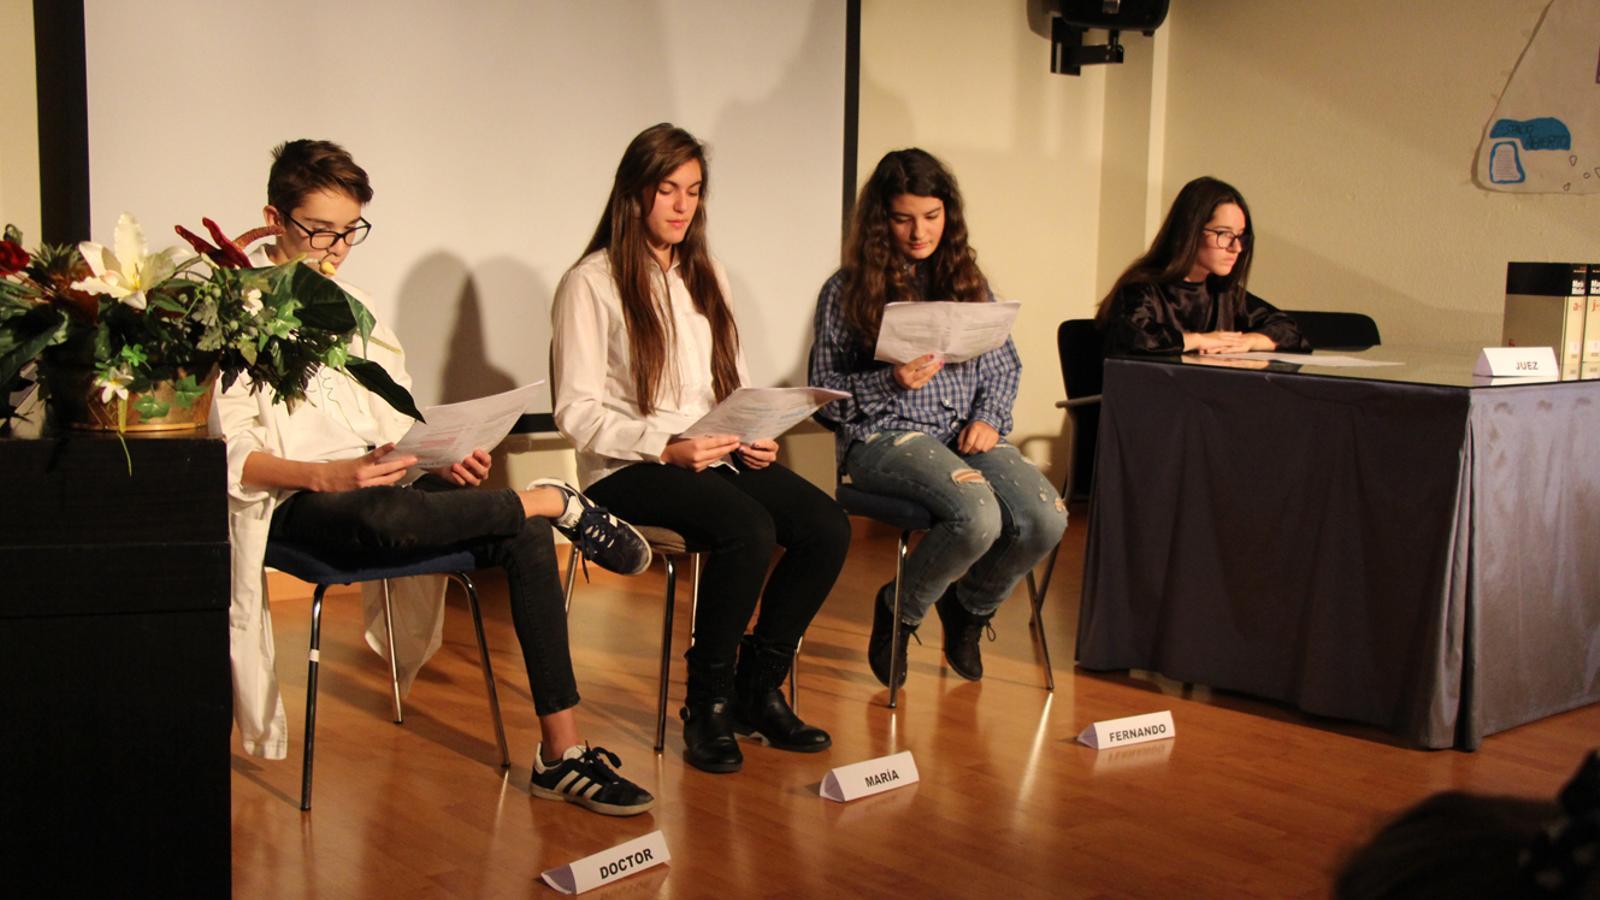 Un moment de la lectura dramatitzada de l'obra 'El diccionario', representada per alumnes d'ESO del col·legi María Moliner. / L. M. (ANA)